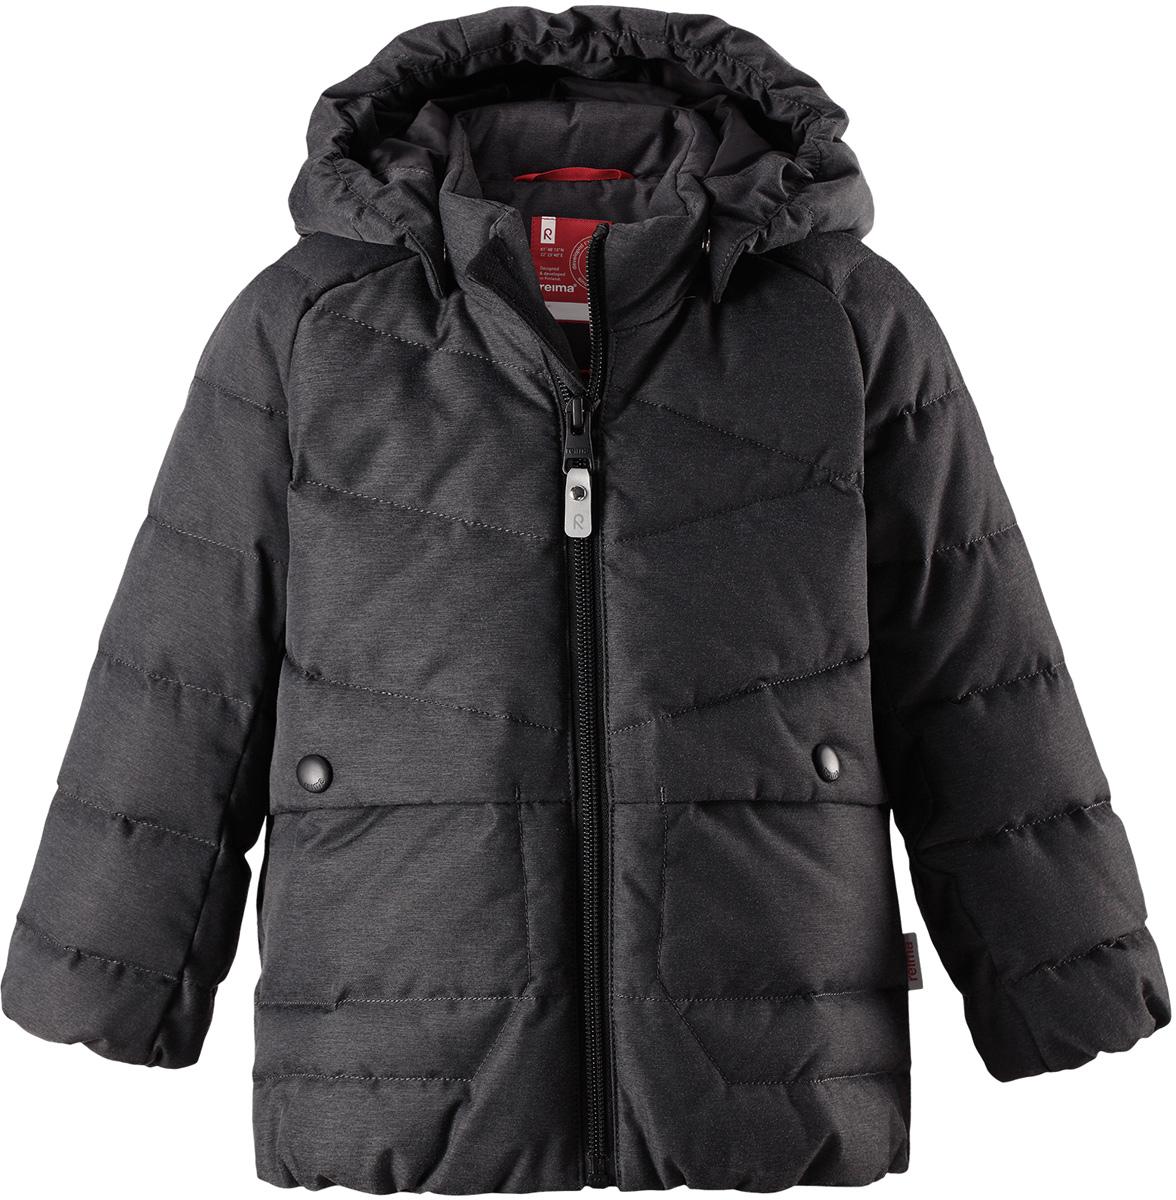 Пуховик для мальчика Reima Latva, цвет: серый. 5112599730. Размер 1105112599730Невероятно теплый, практичный и абсолютно непромокаемый пуховик просто создан для активных зимних прогулок!Эту куртку из водо- и грязеотталкивающего материла рекомендуется носить в сухую морозную зимнюю погоду. Куртка снабжена безопасным съемным капюшоном и двумя боковыми карманами. Обратите внимание на забавную строчку и стильную матовую поверхность ткани!Высокая степень утепления.